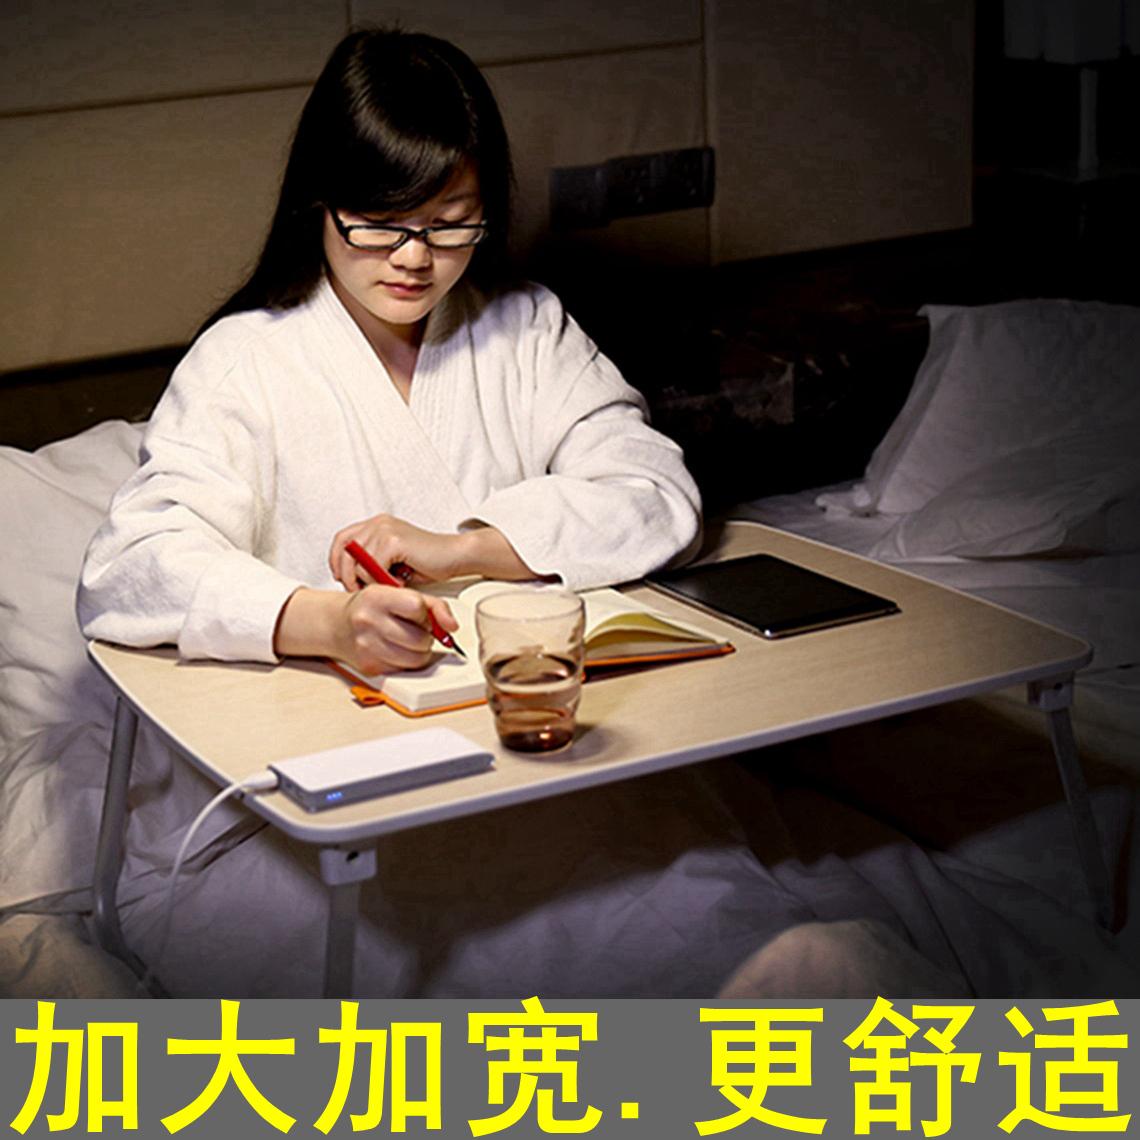 赛鲸床上用书桌多功能懒人桌 笔记本电脑折叠桌板学生宿舍小桌子